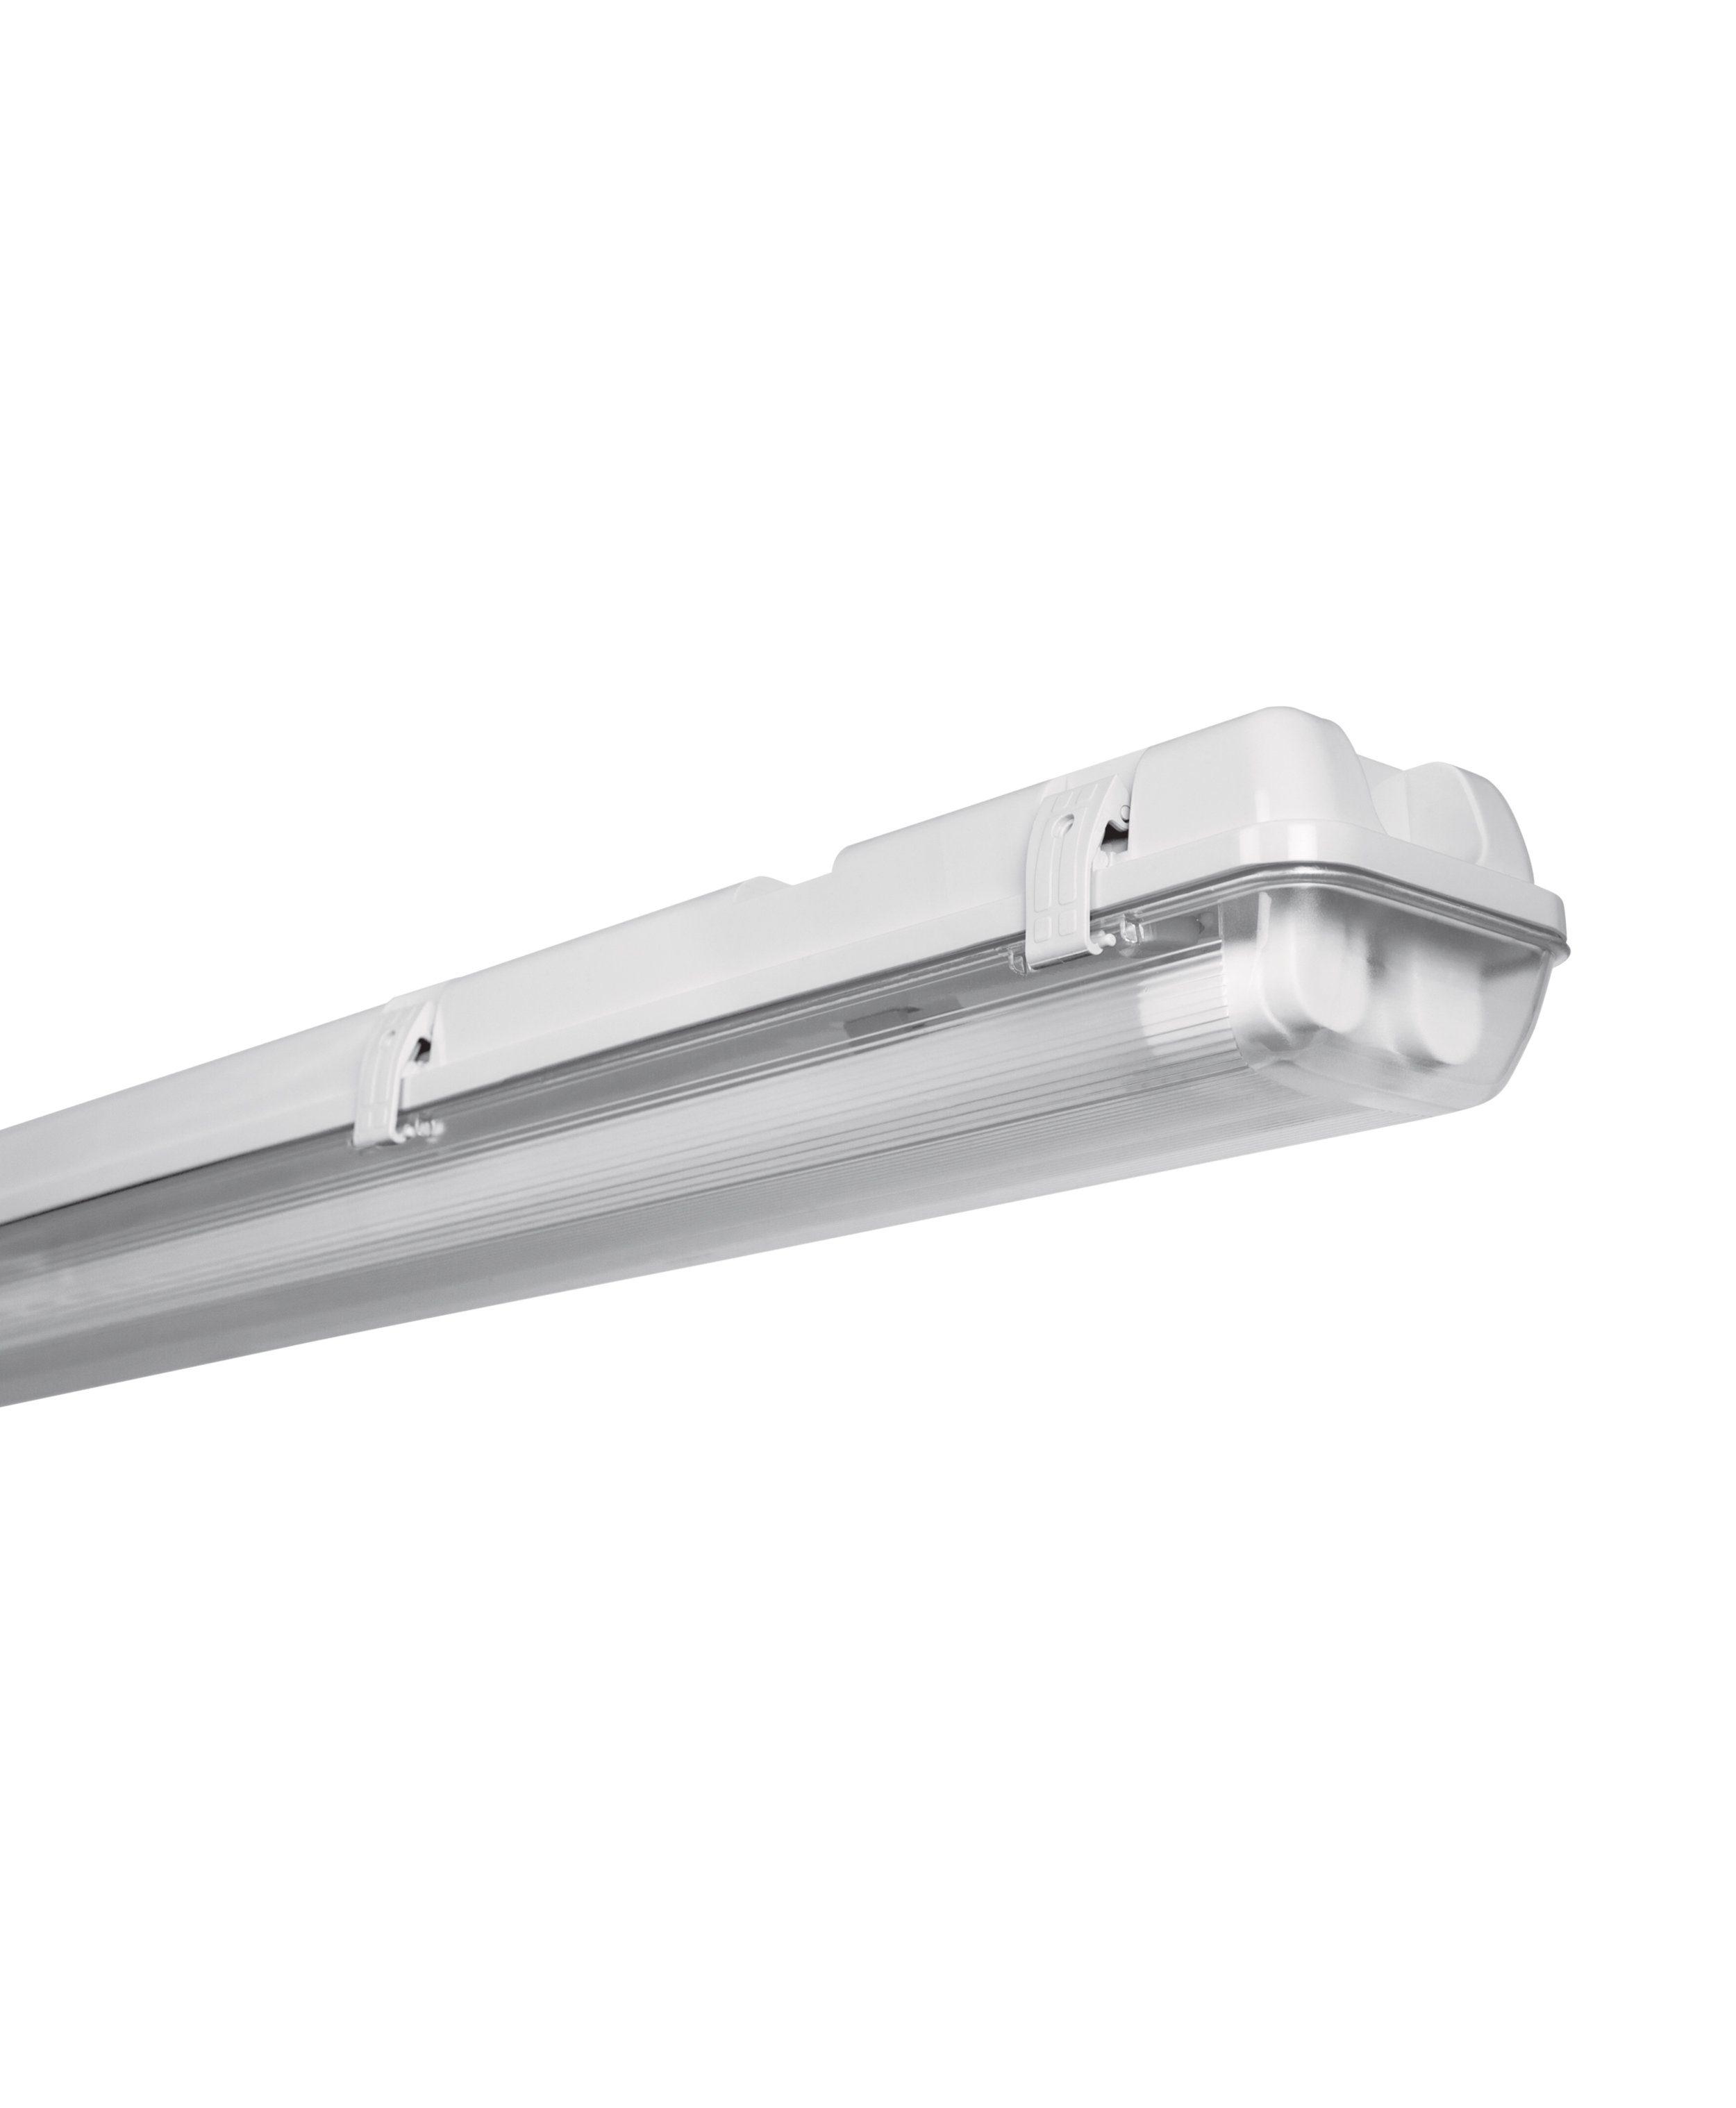 Osram Feuchtraumleuchte, Lichtleiste, LED-Röhre mit Starter, G13 »SubMARINE 40 W 840 4000 K«